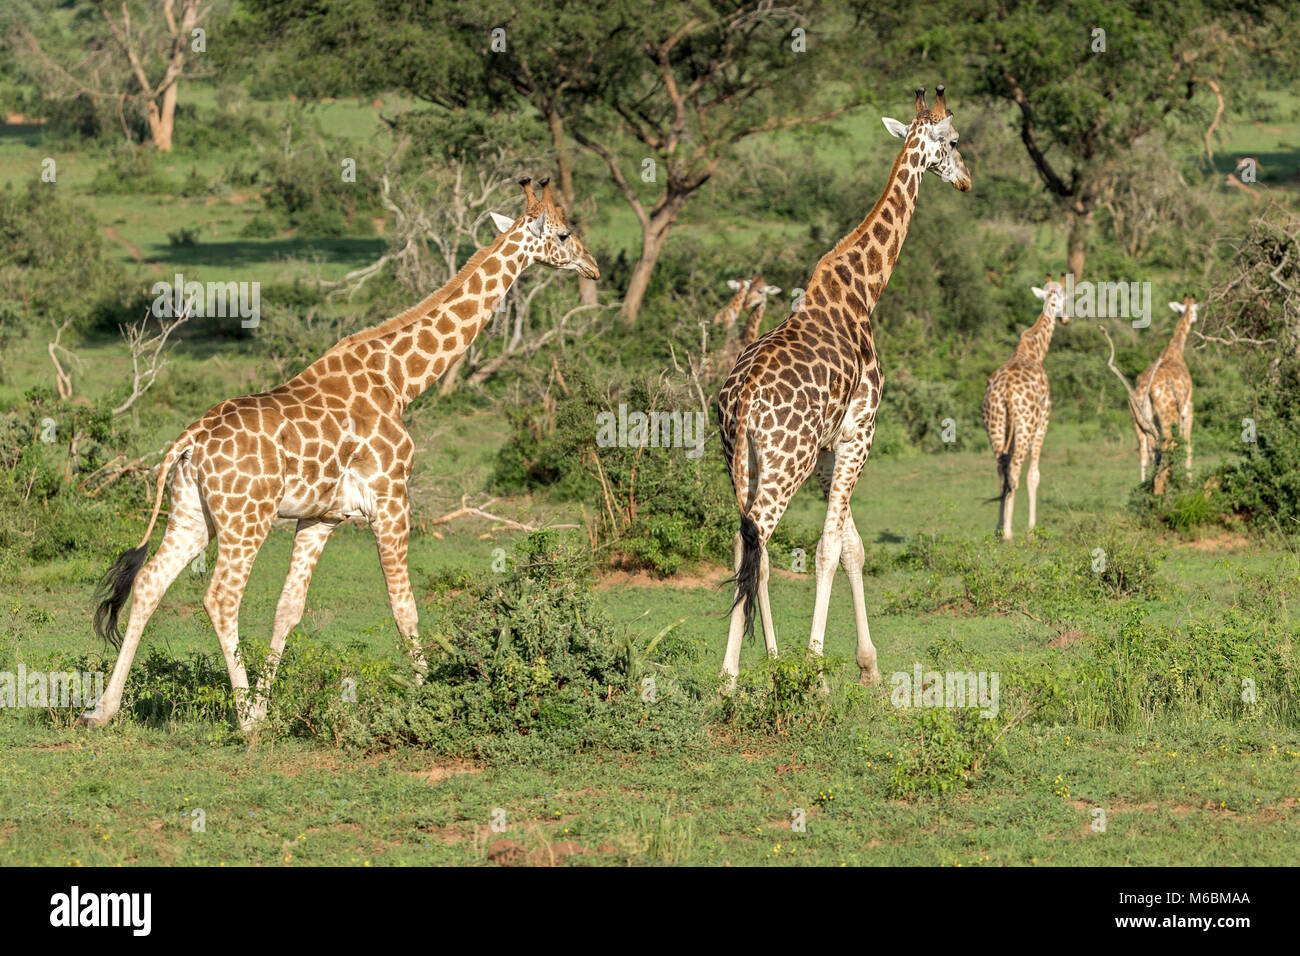 Male Rothschild's Giraffe, 'Murchison's Falls National Park', Uganda, Africa - Stock Image